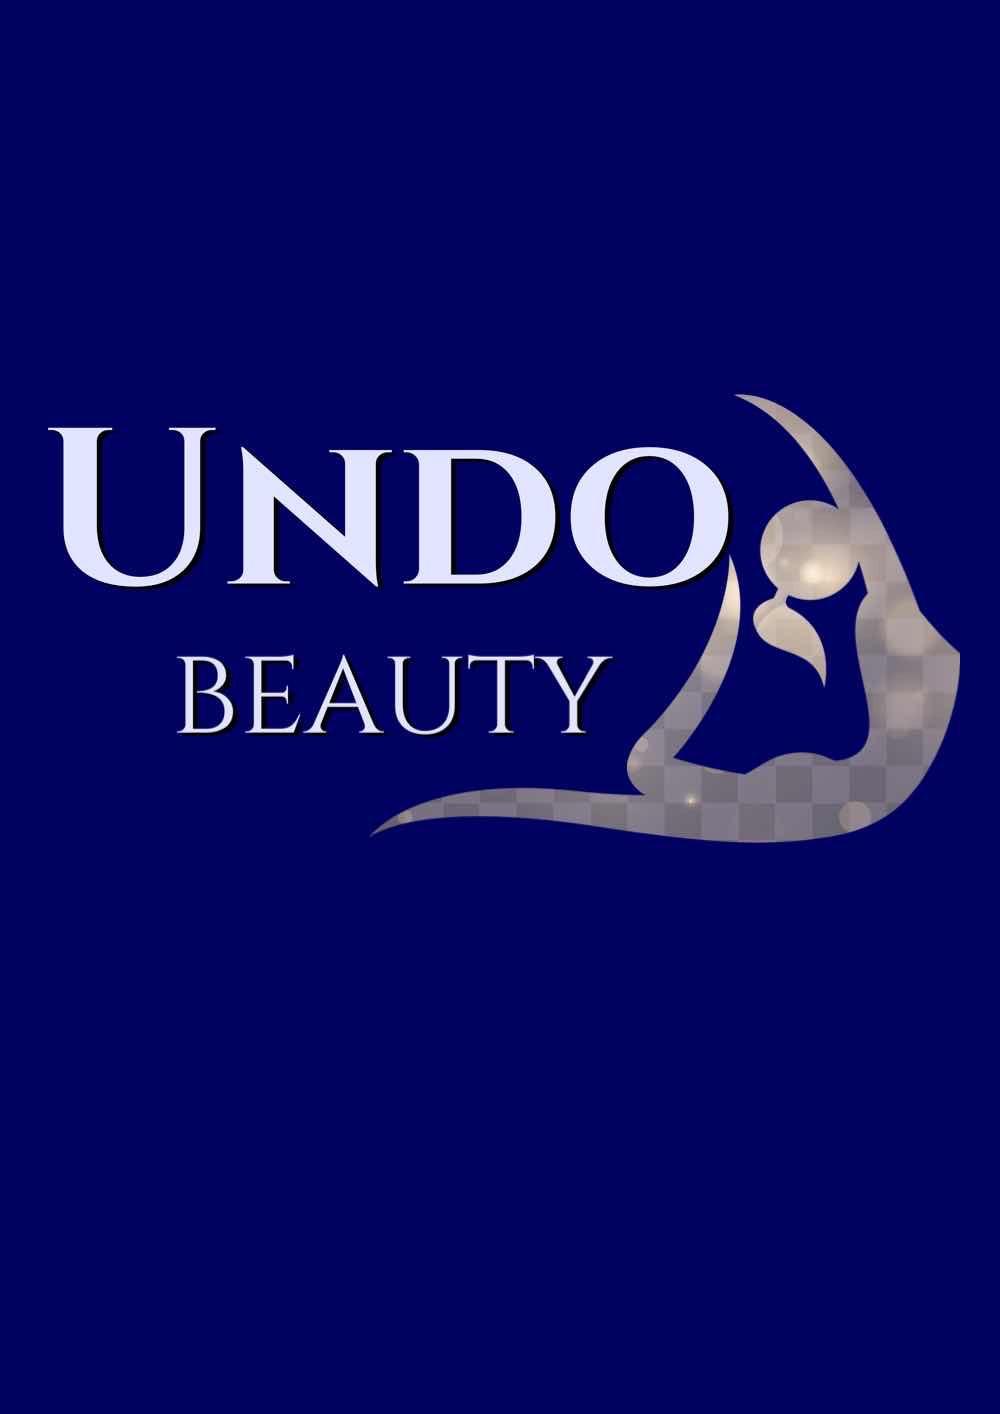 Undo beauty